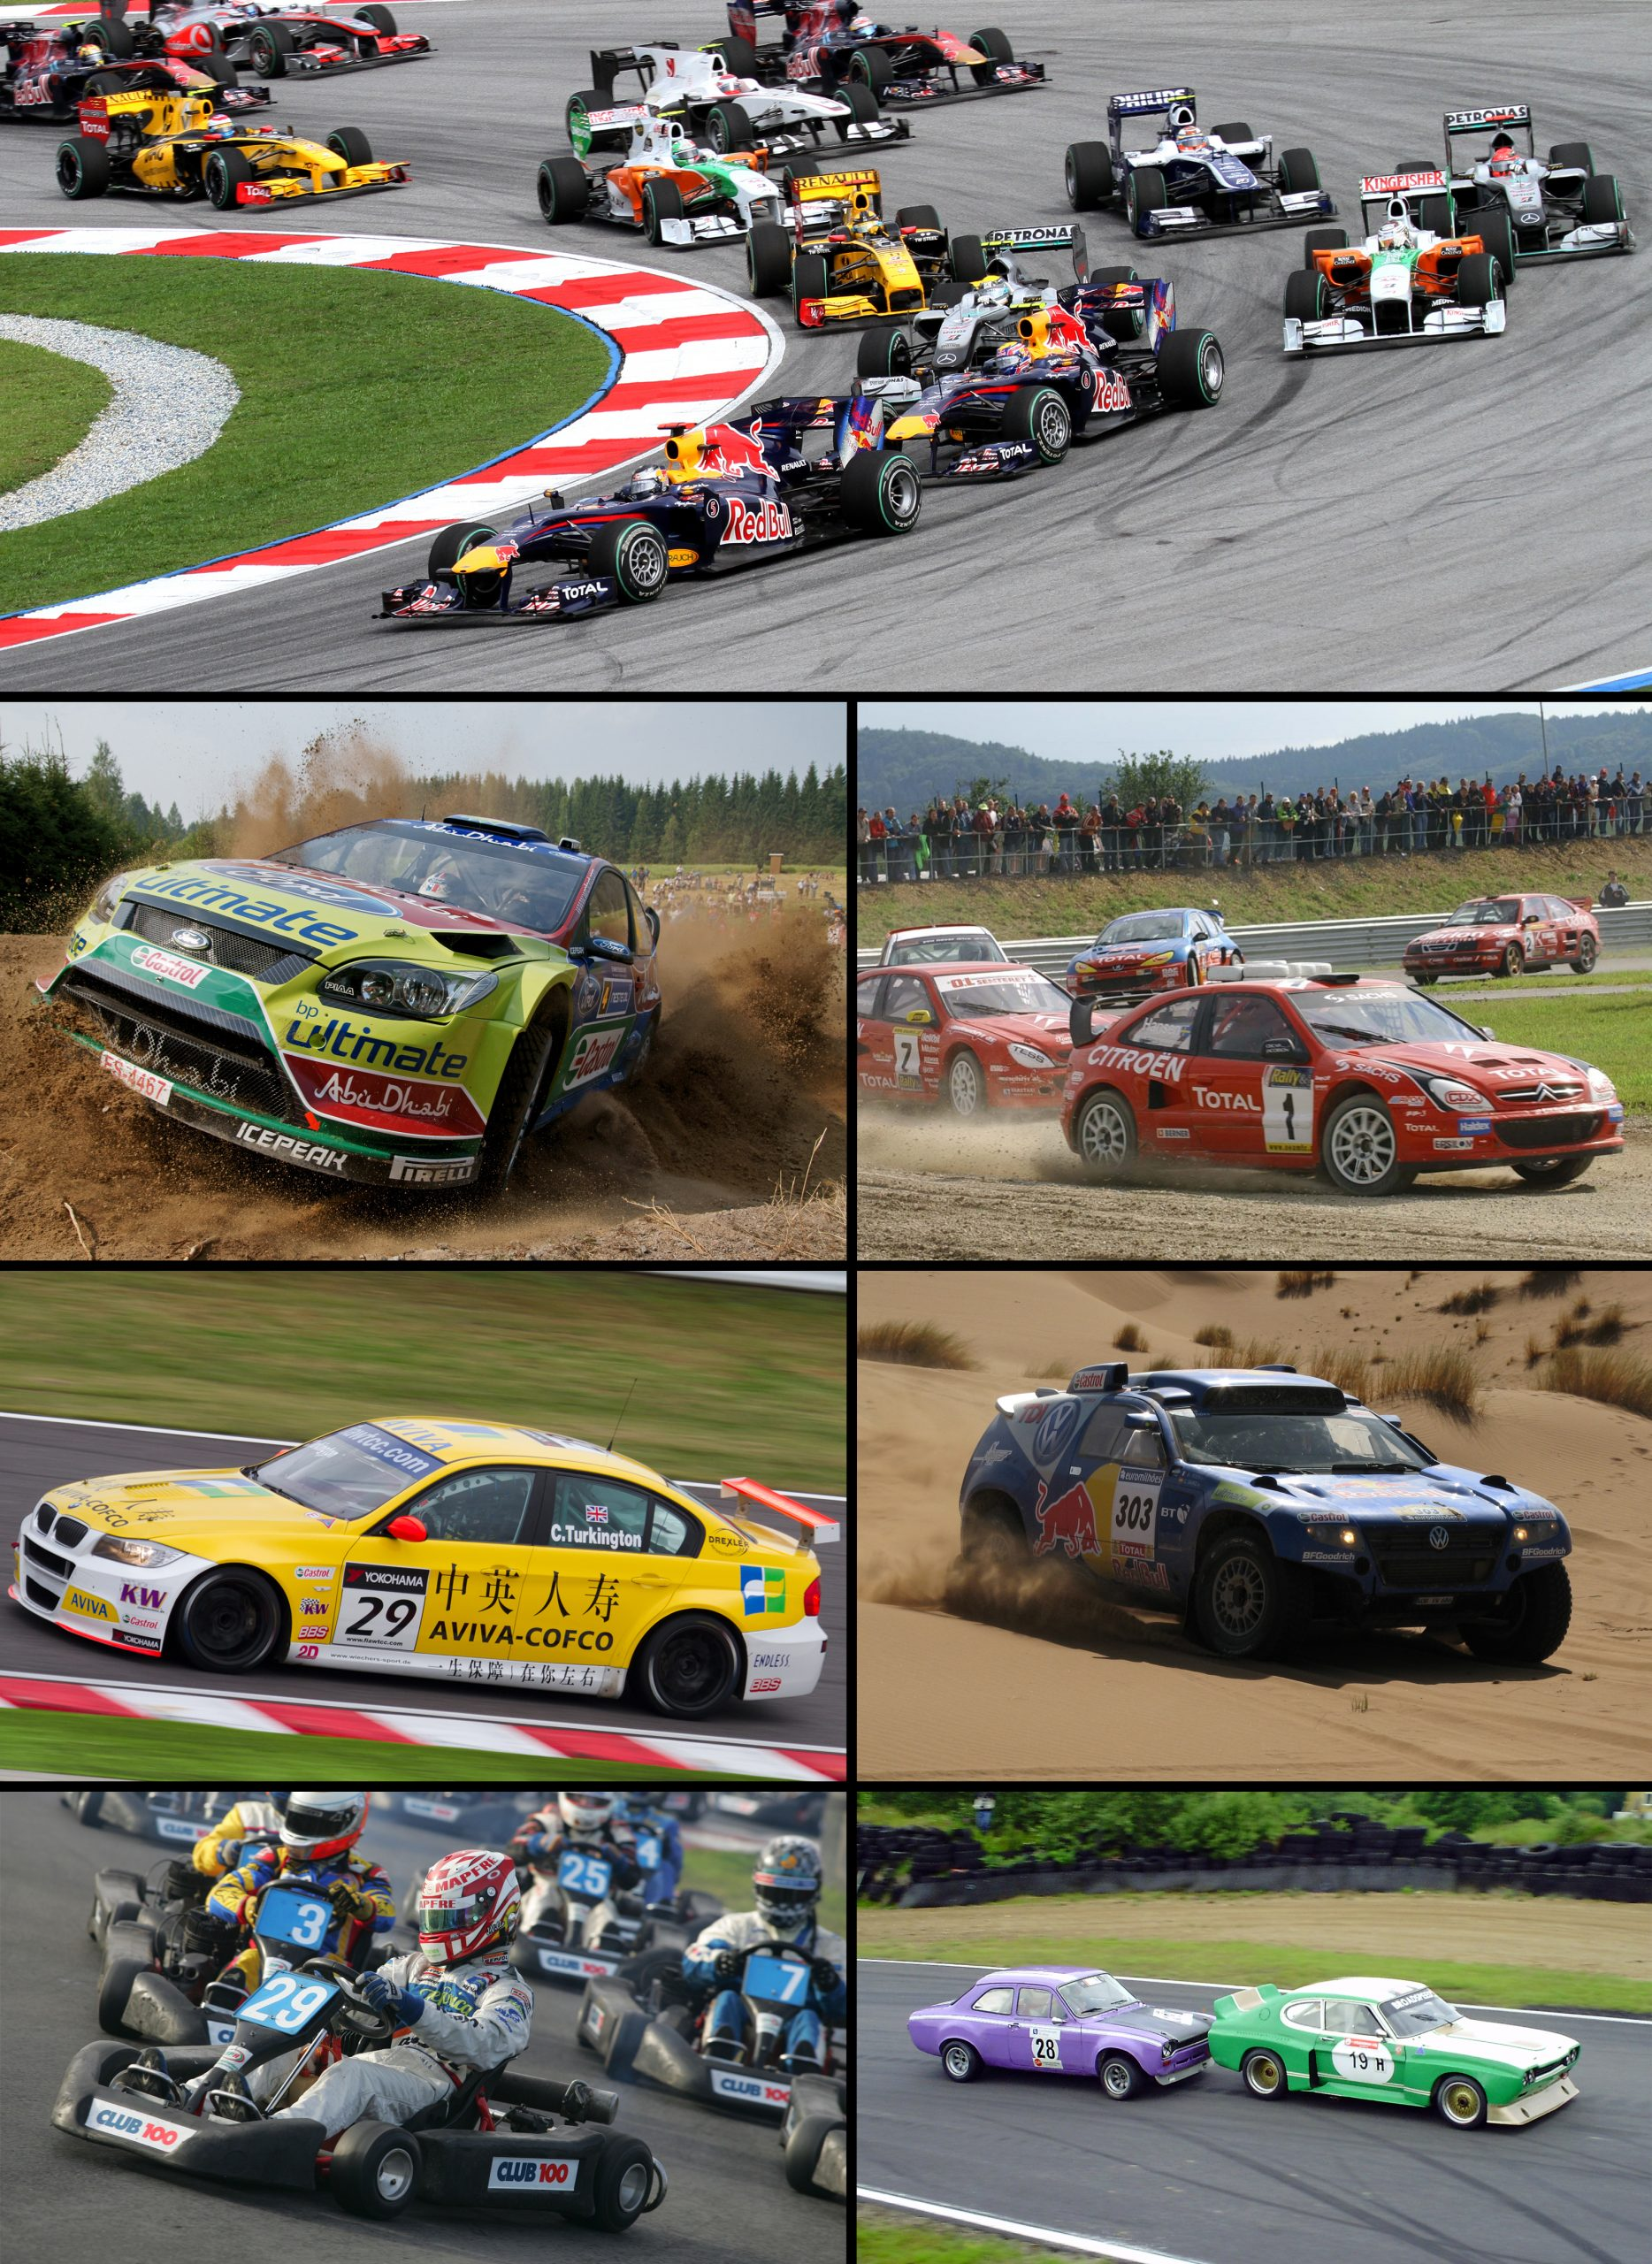 Compétition Automobile — Wikipédia tout Jeux De Parcours De Voiture